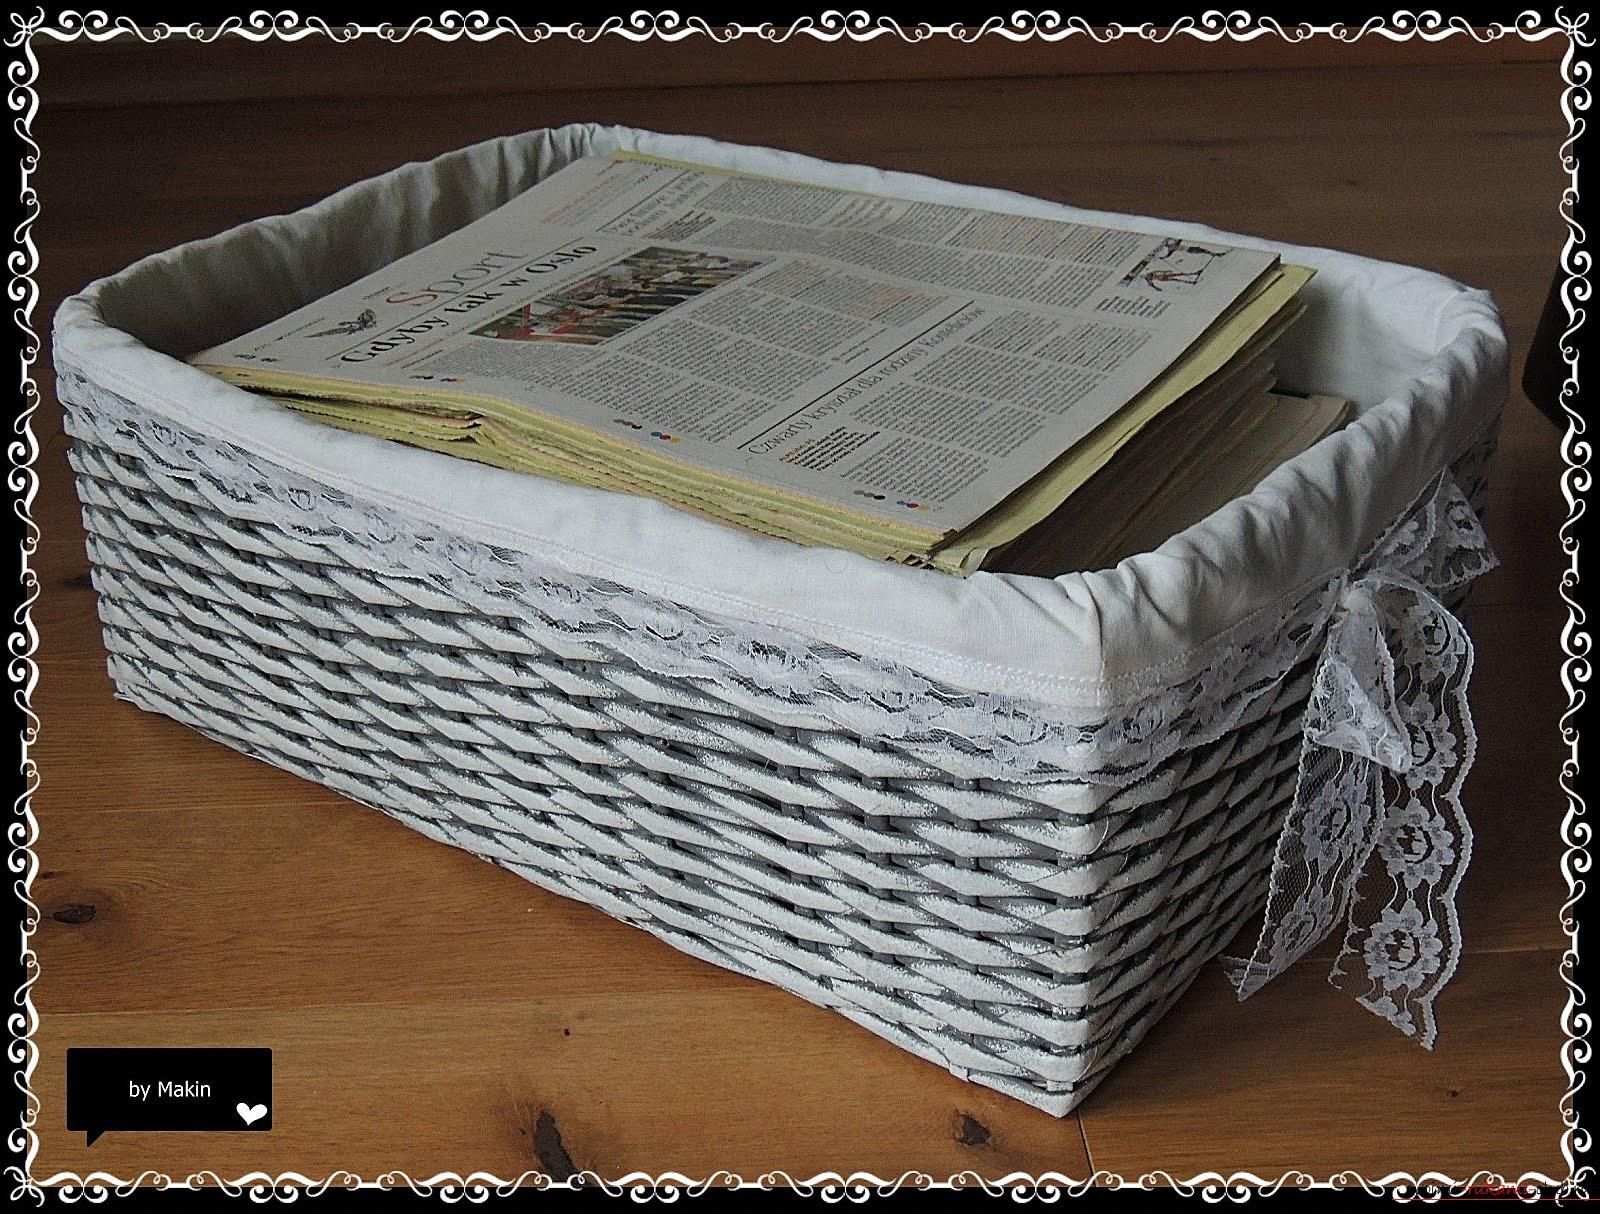 Поделки из газеты своими руками. Фотографии и красивые решения.. Фото №2